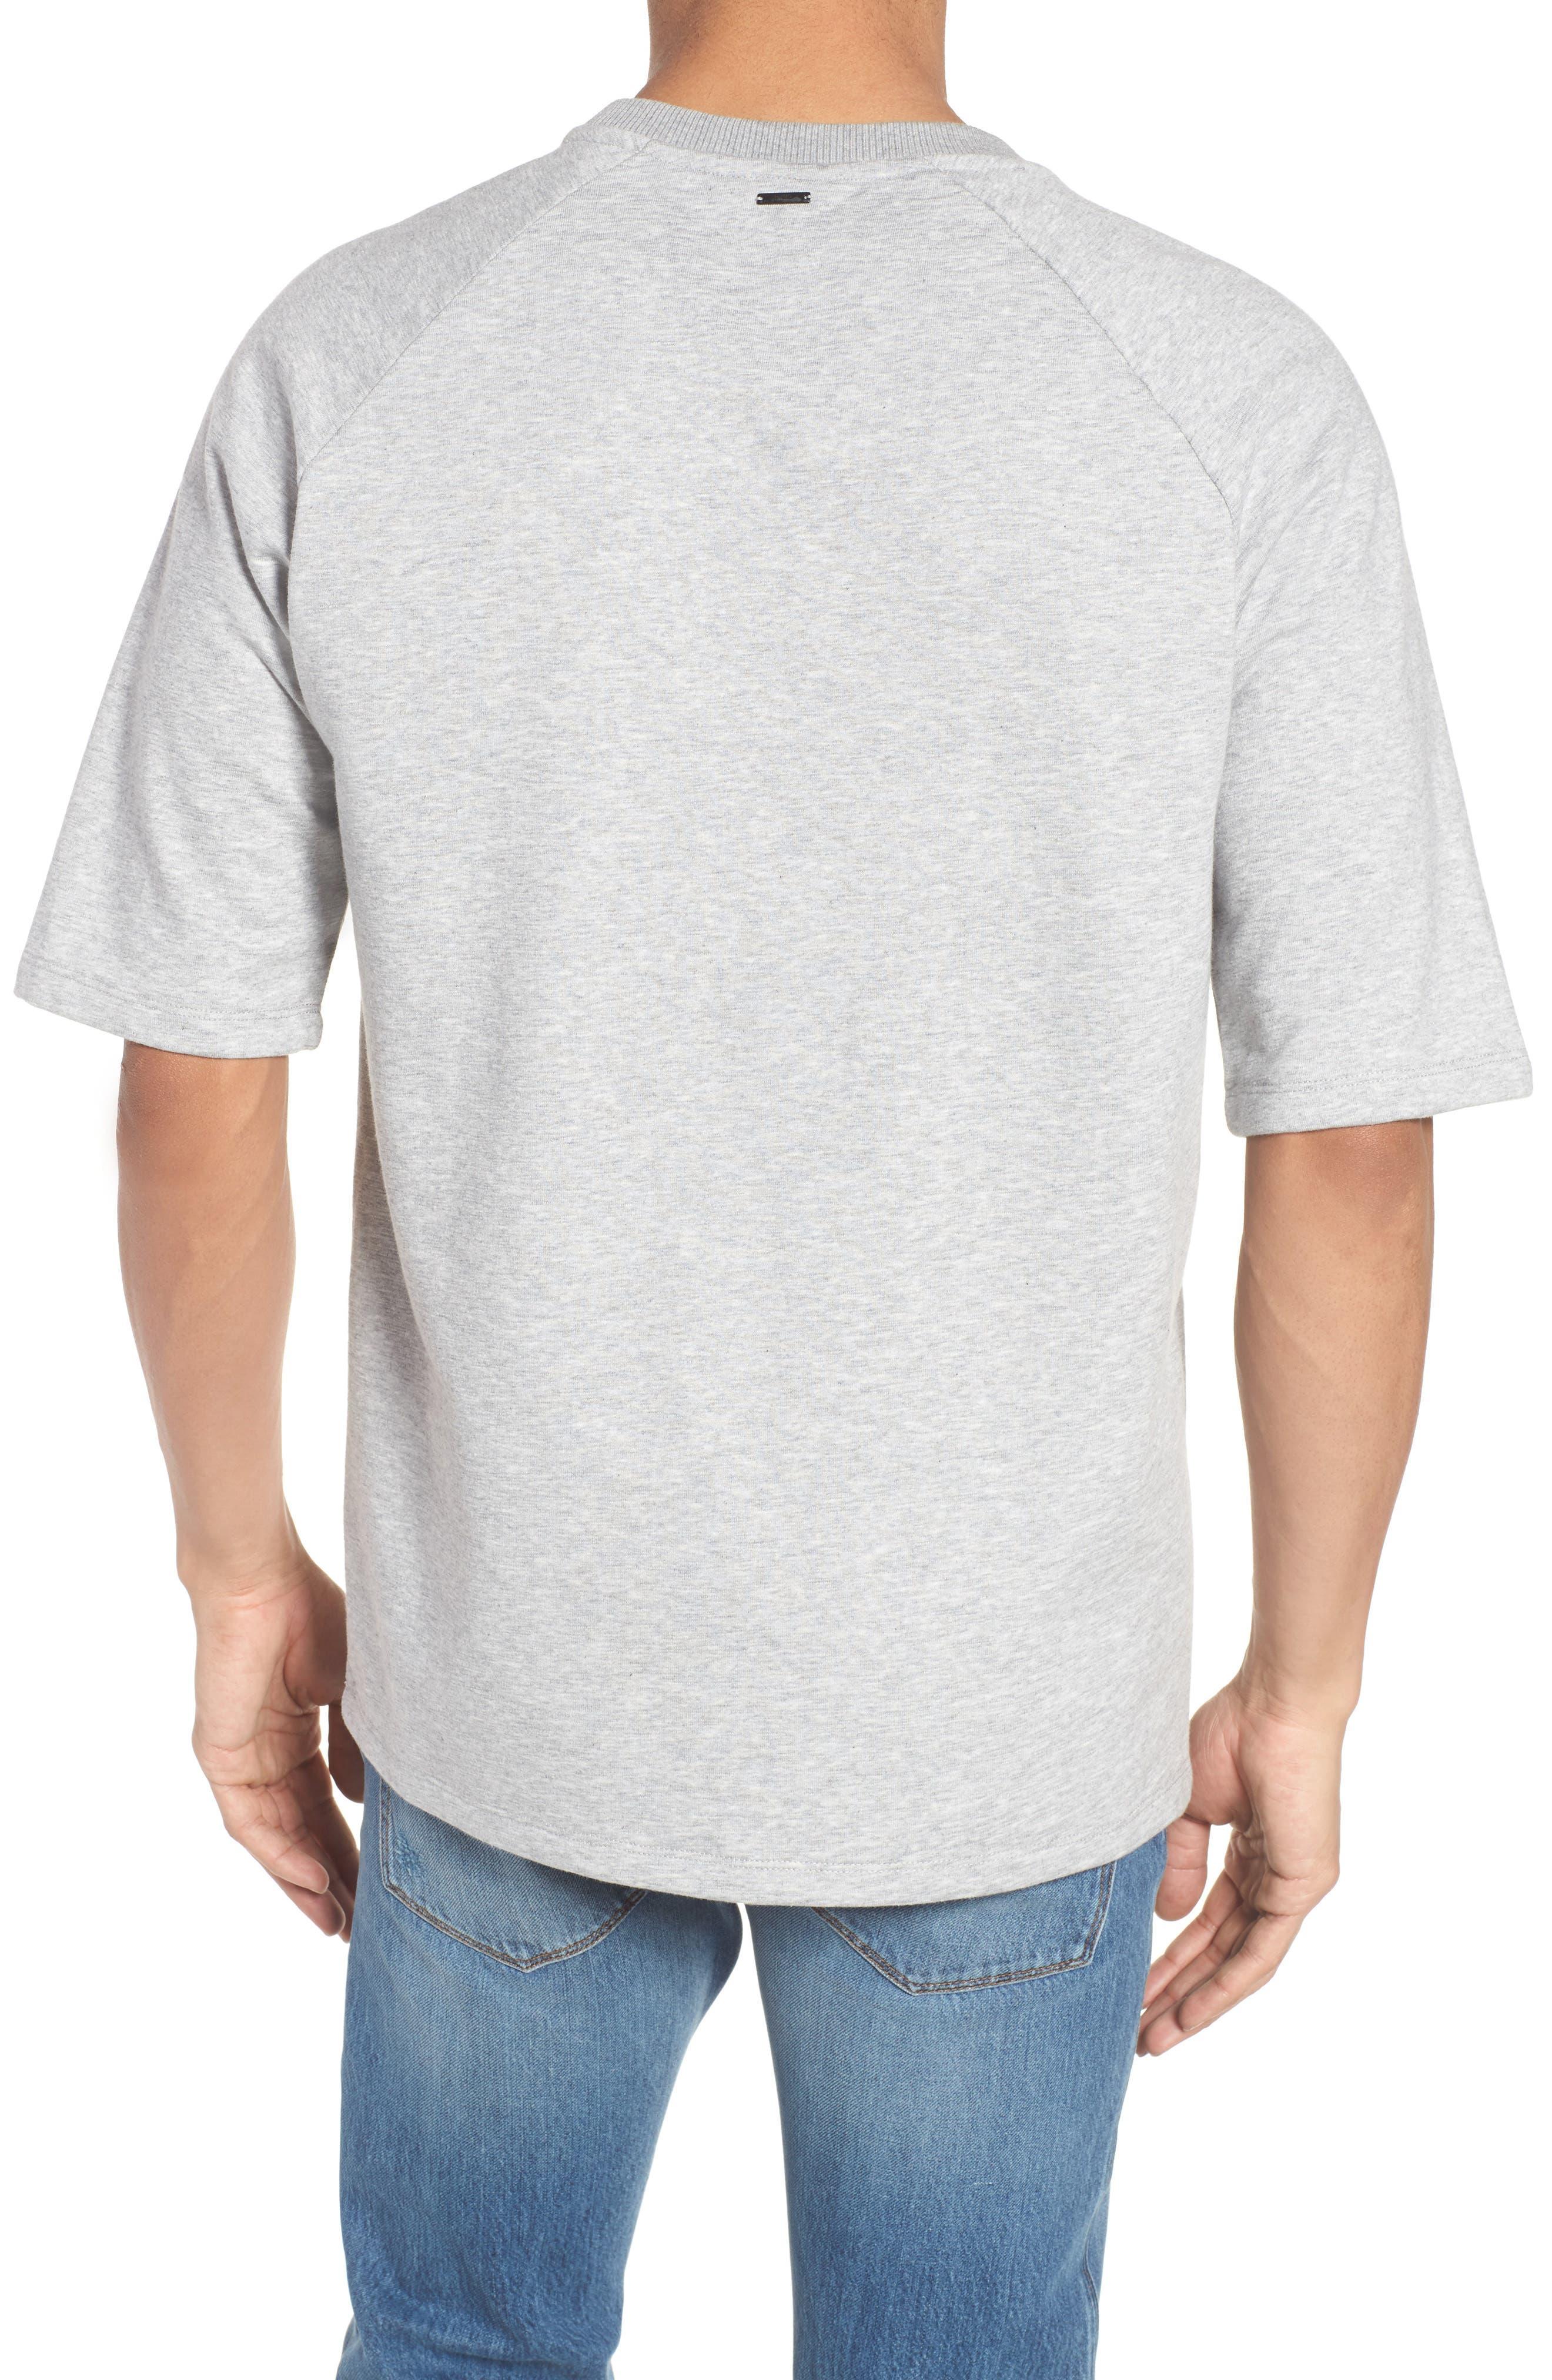 Deast Doodle Sweatshirt,                             Alternate thumbnail 2, color,